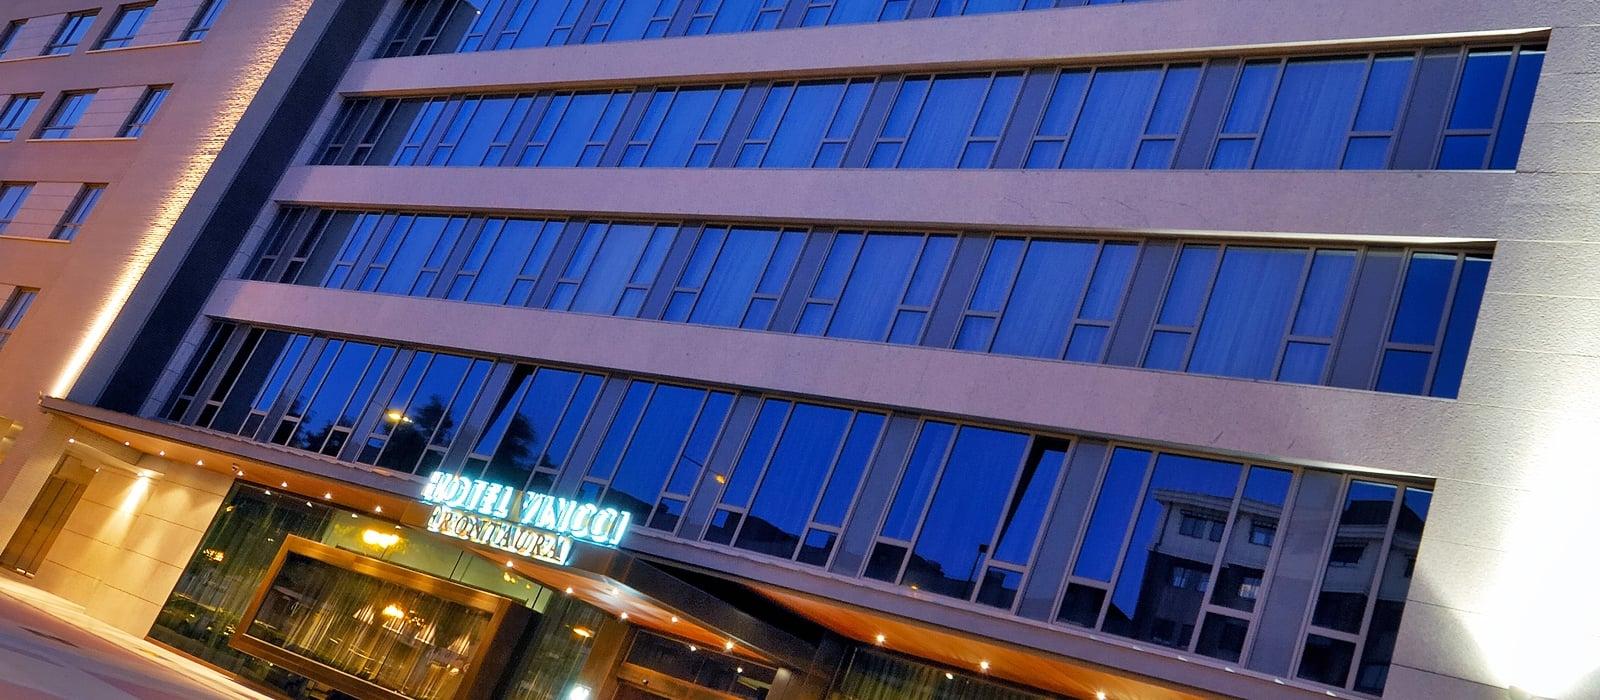 Seitenansicht-Hotel Valladolid Frontaura - Vincci Hoteles